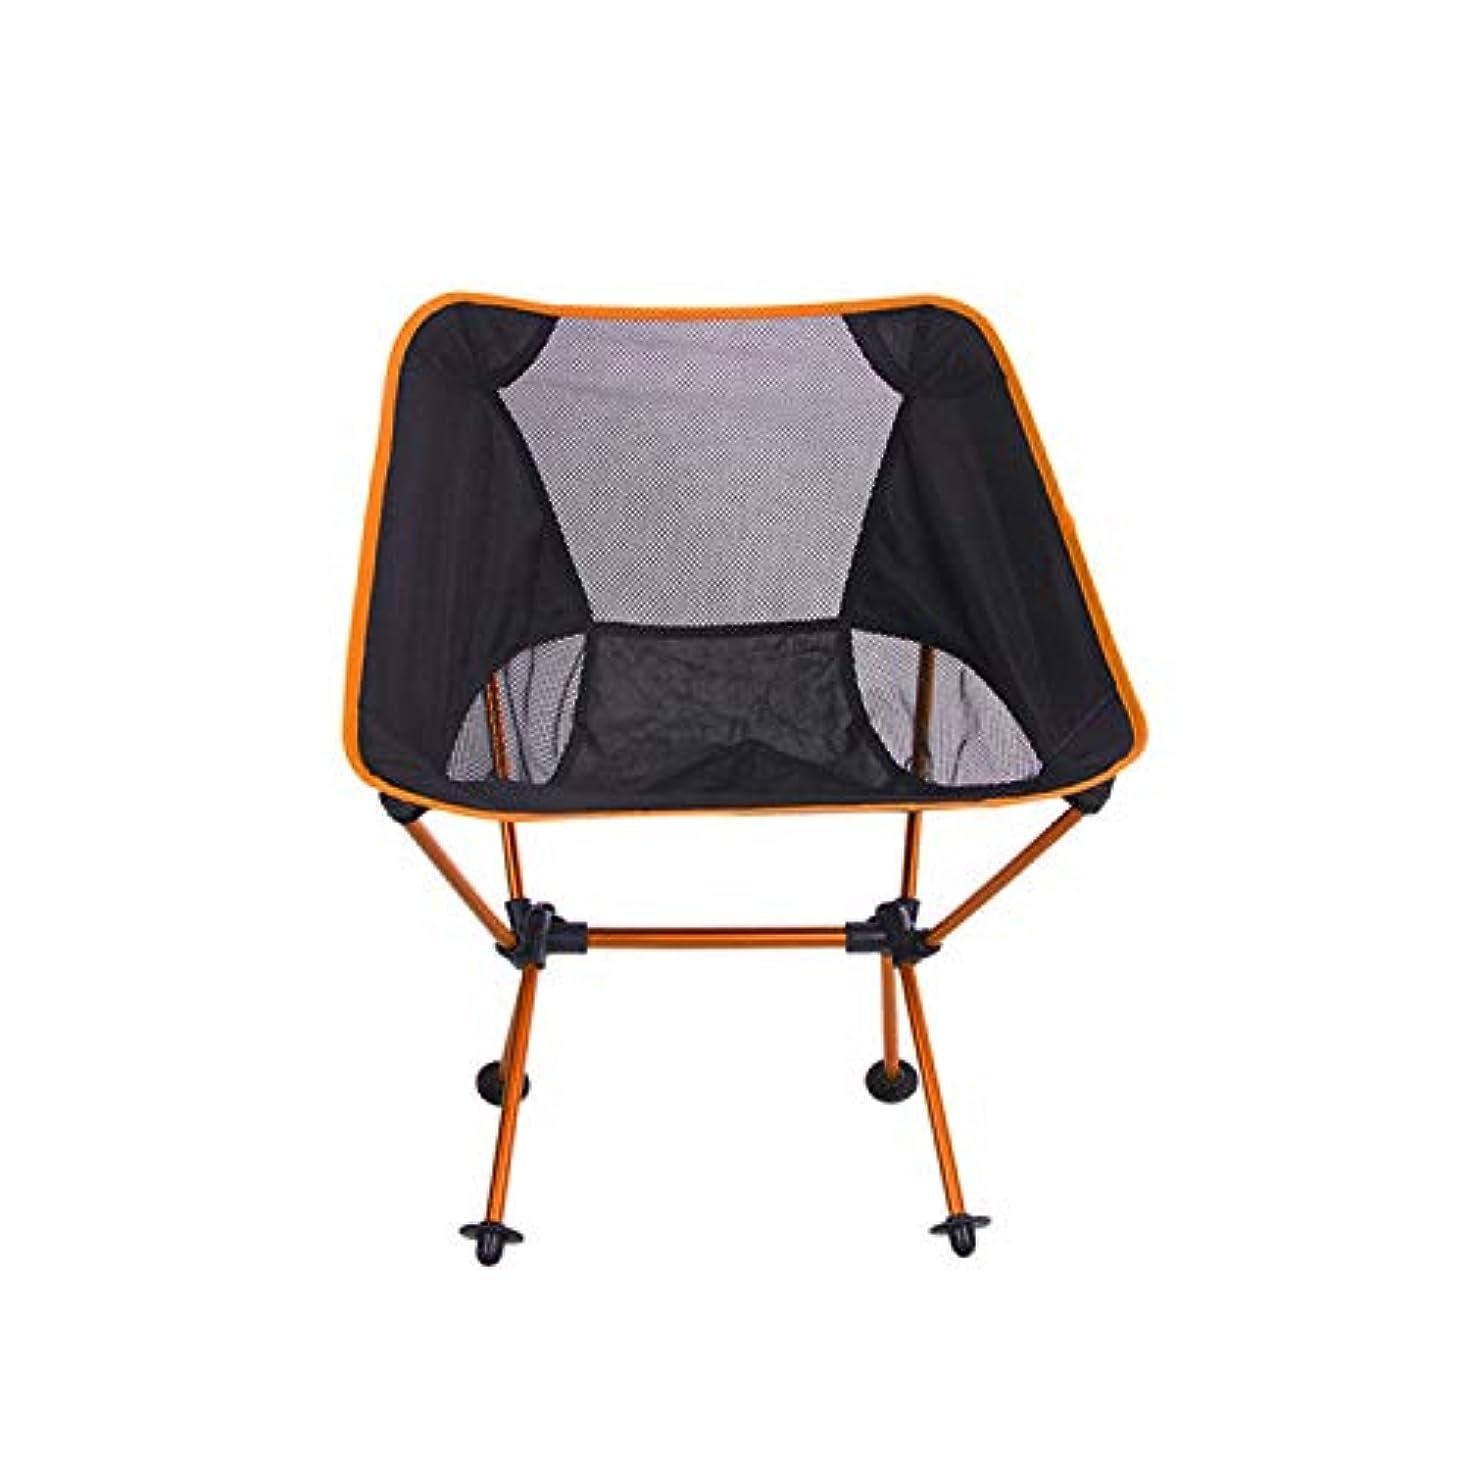 ジョリー急行する過ち屋外キャンプ折りたたみ椅子ポータブルムーンチェア超軽量アルミ釣りの椅子レジャースケッチチェア